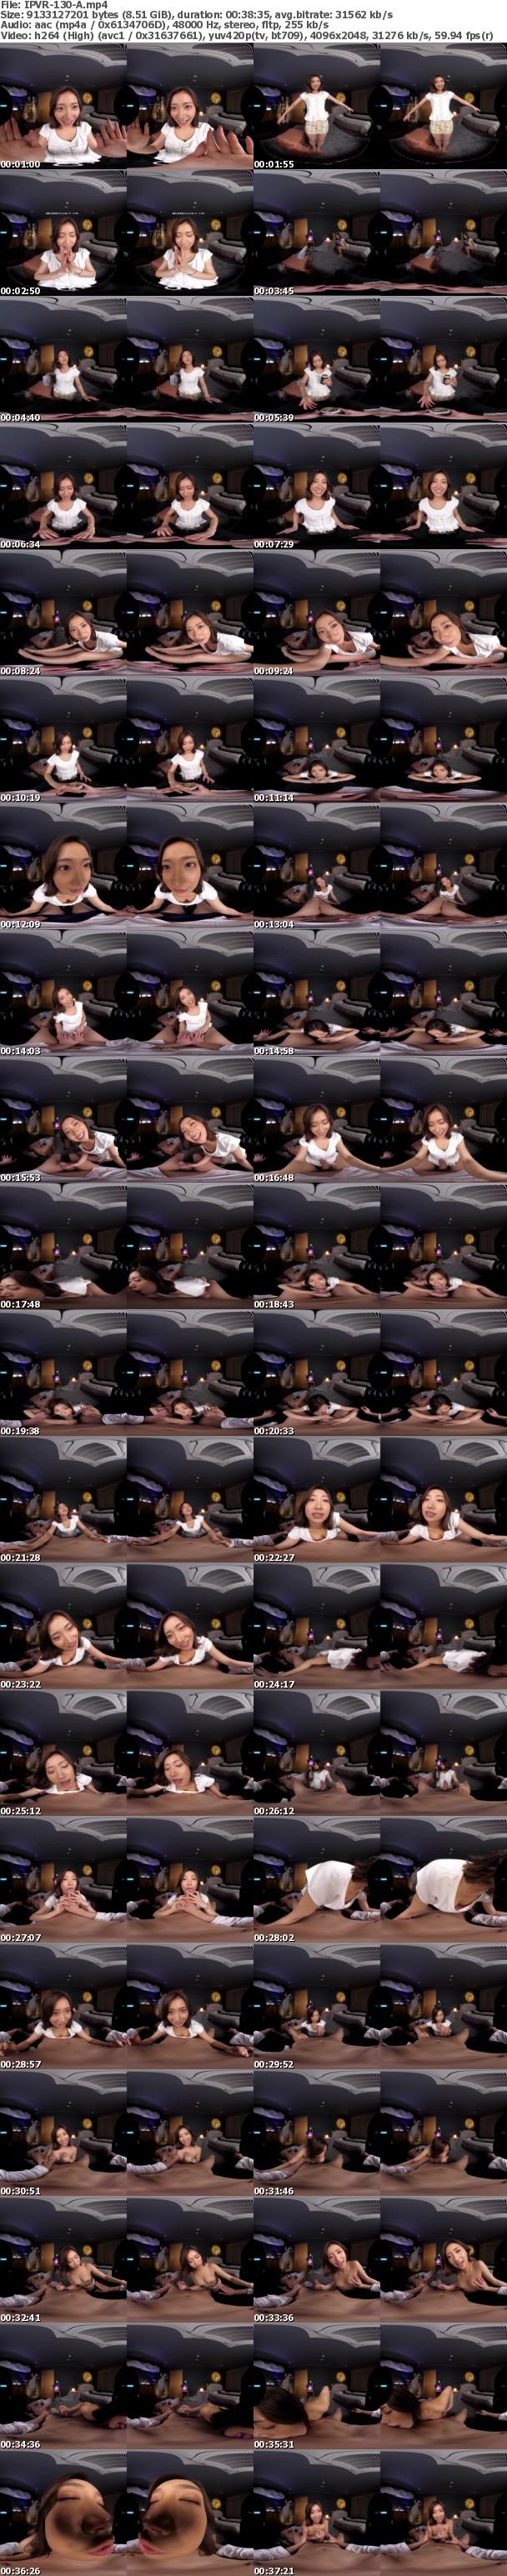 (VR) IPVR-130 スキモノ痴女に大豹変! エロ酔い騎乗位お姉さん バイト先の憧れのお姉さん(彼女)と念願の初ラブホ!ドキドキイチャイチャHのはずが…(汗) 加美杏奈